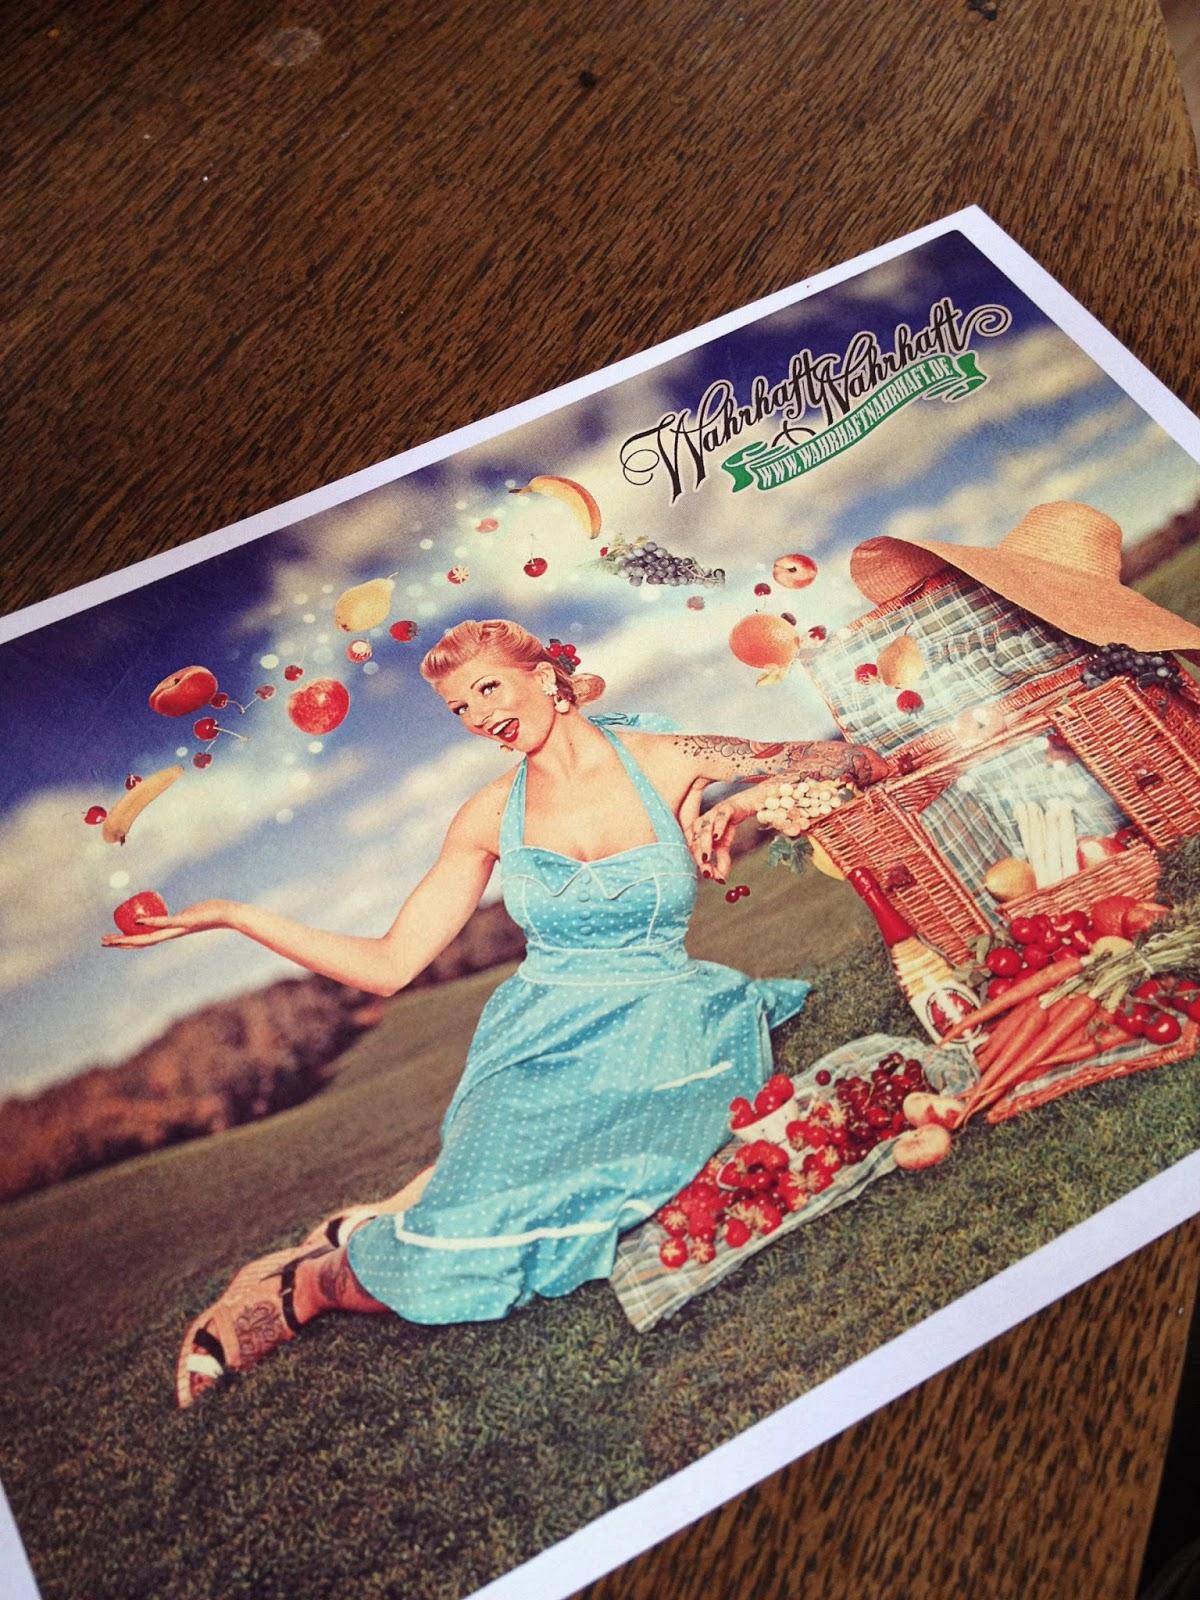 Betty Muschen allongée fait un picnic - LACN - voyage - wahrhaft nahrhaft - berlin - fooding